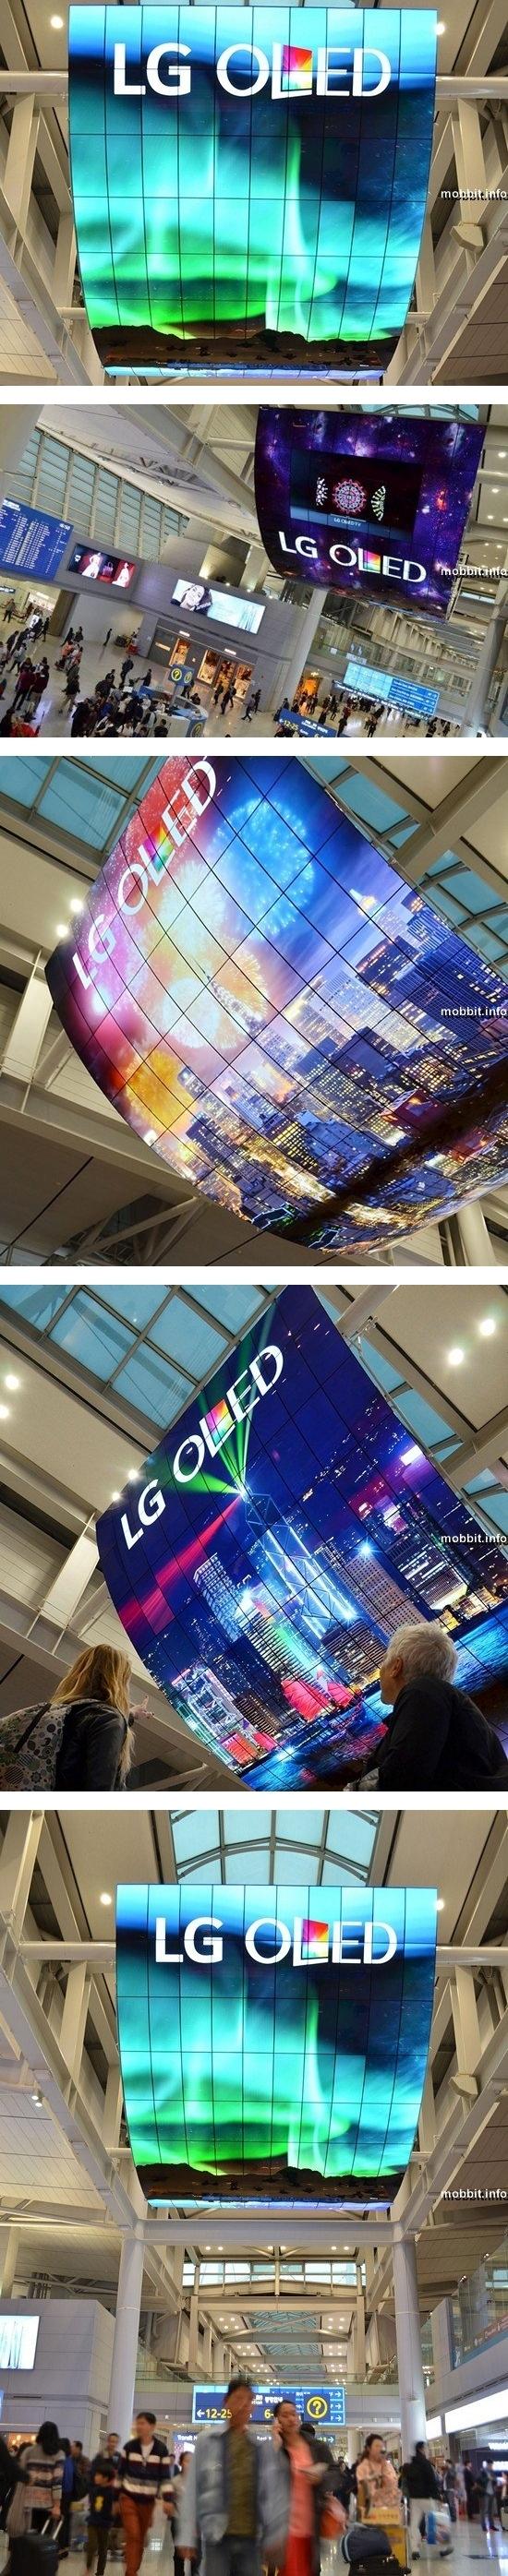 Самая большая в мире OLED-панель от LG